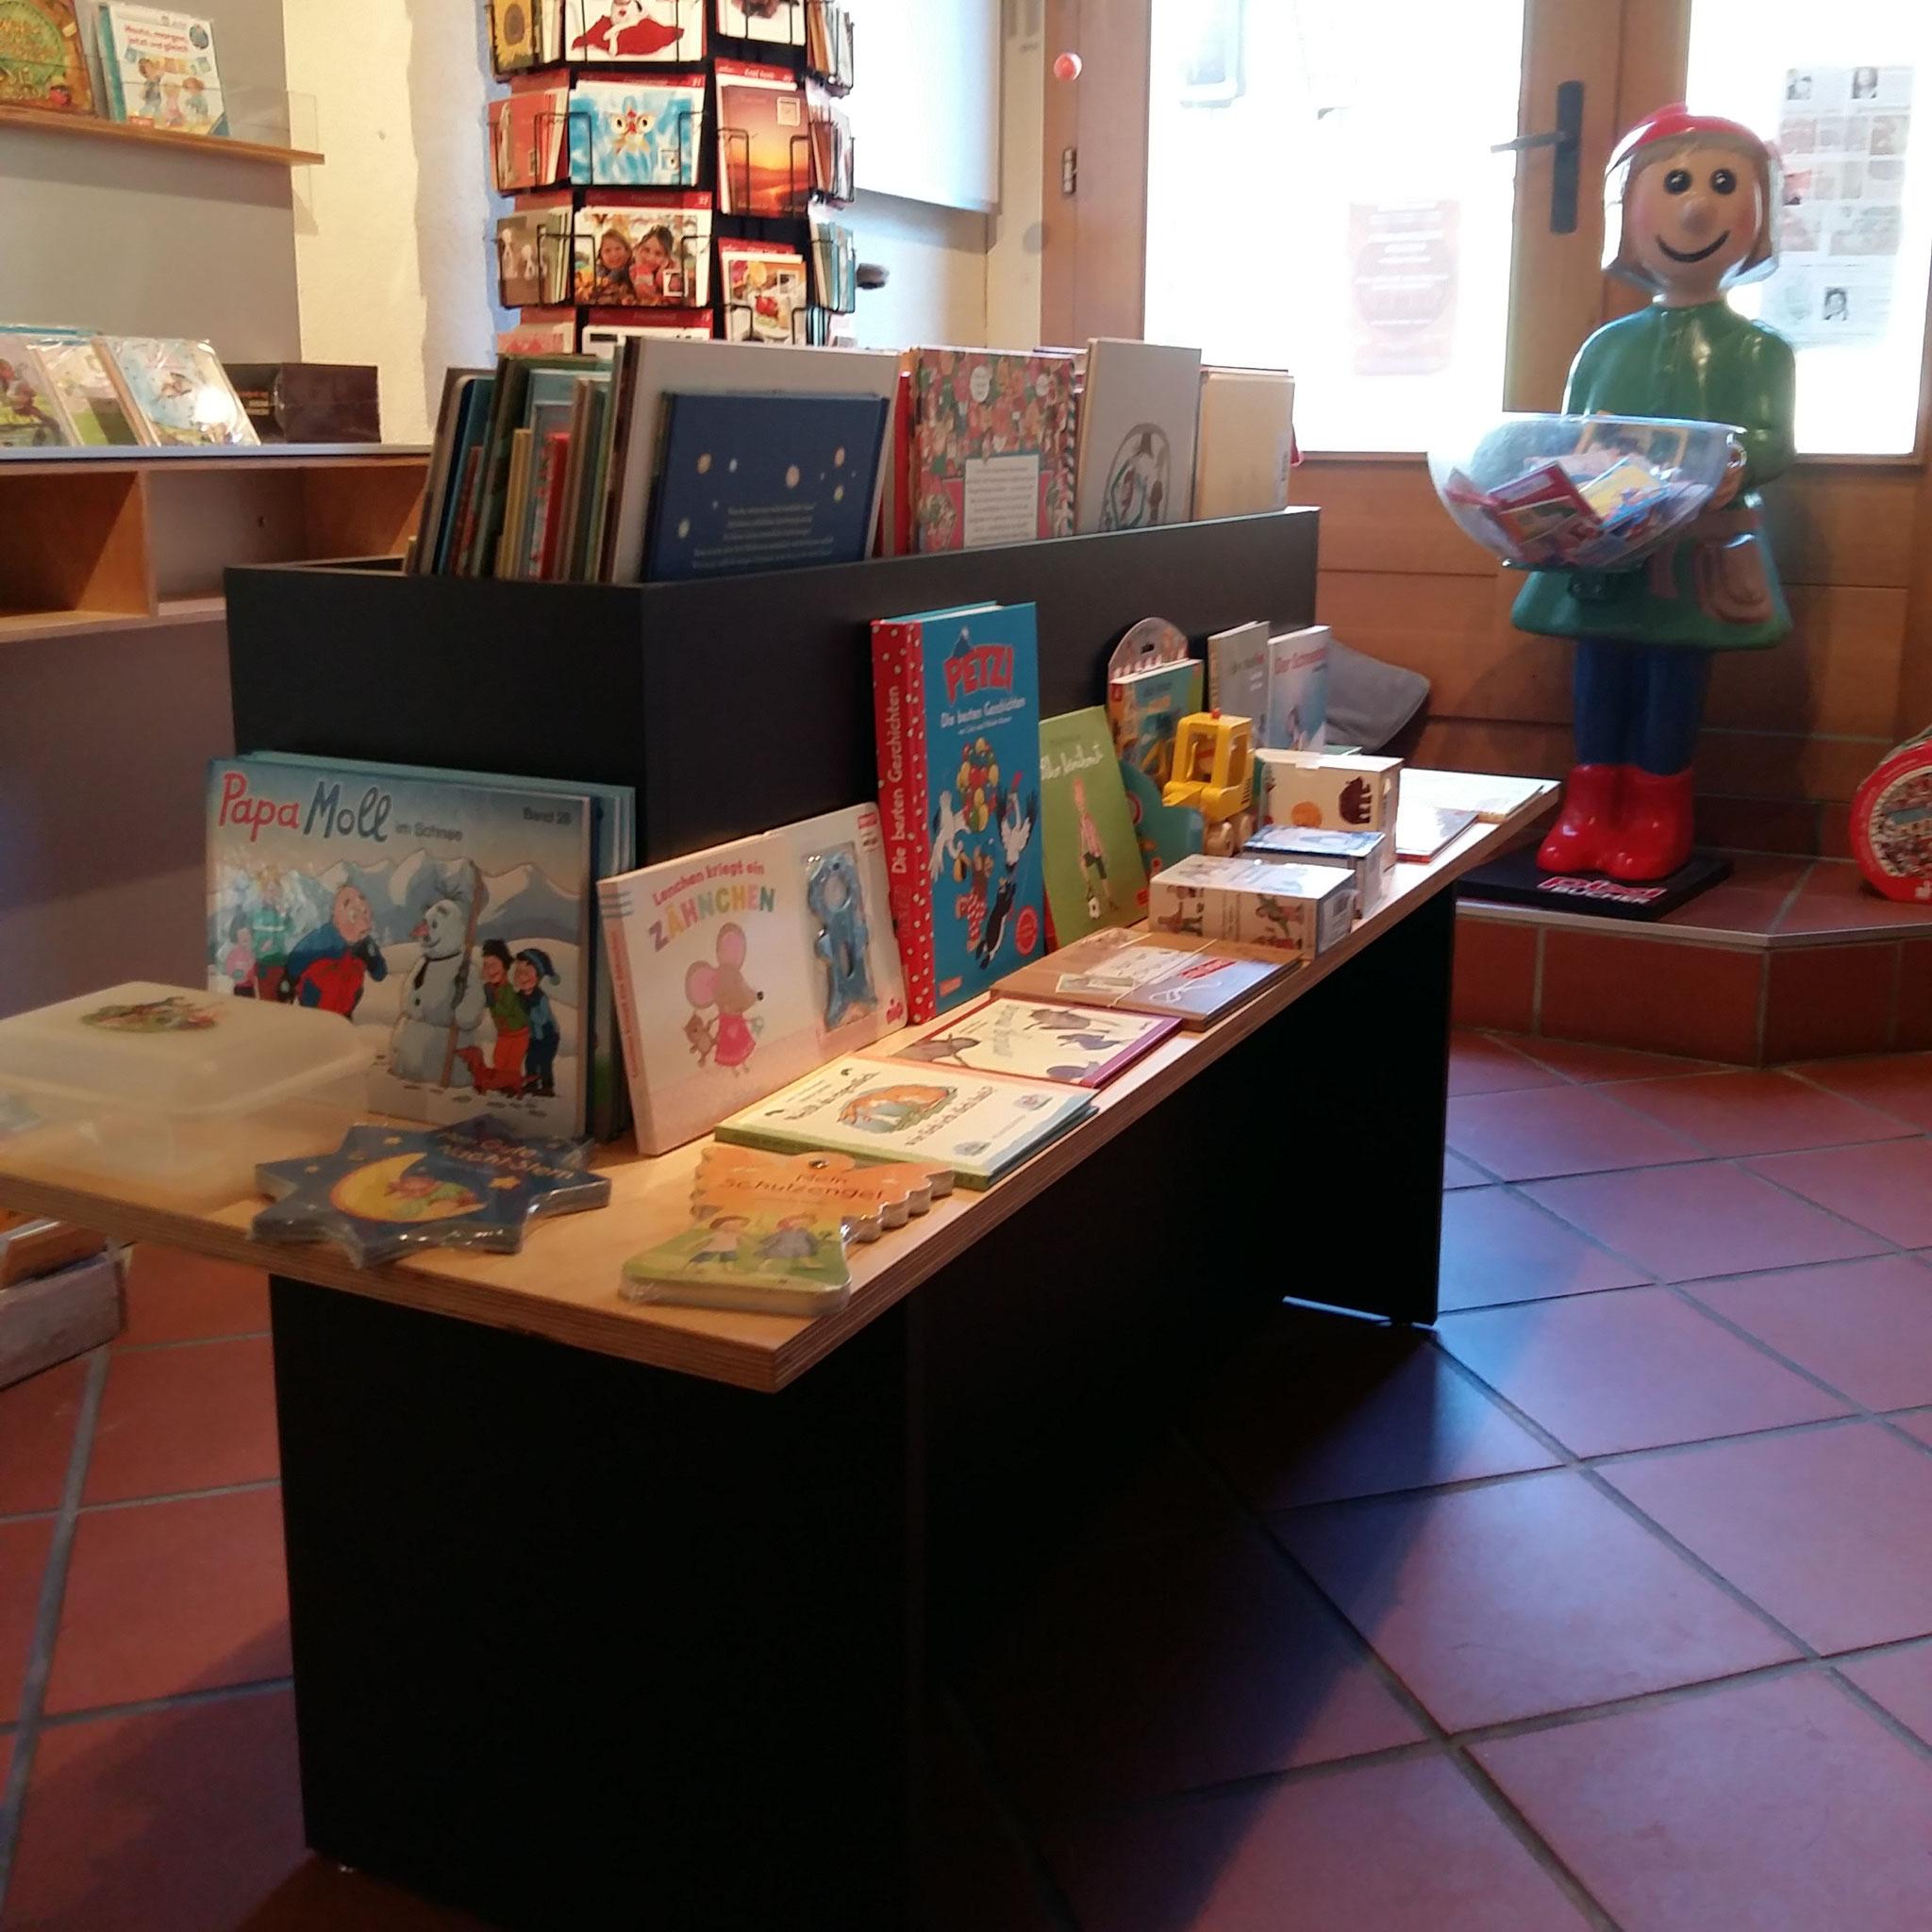 Ladeneinrichtung Bücherladen